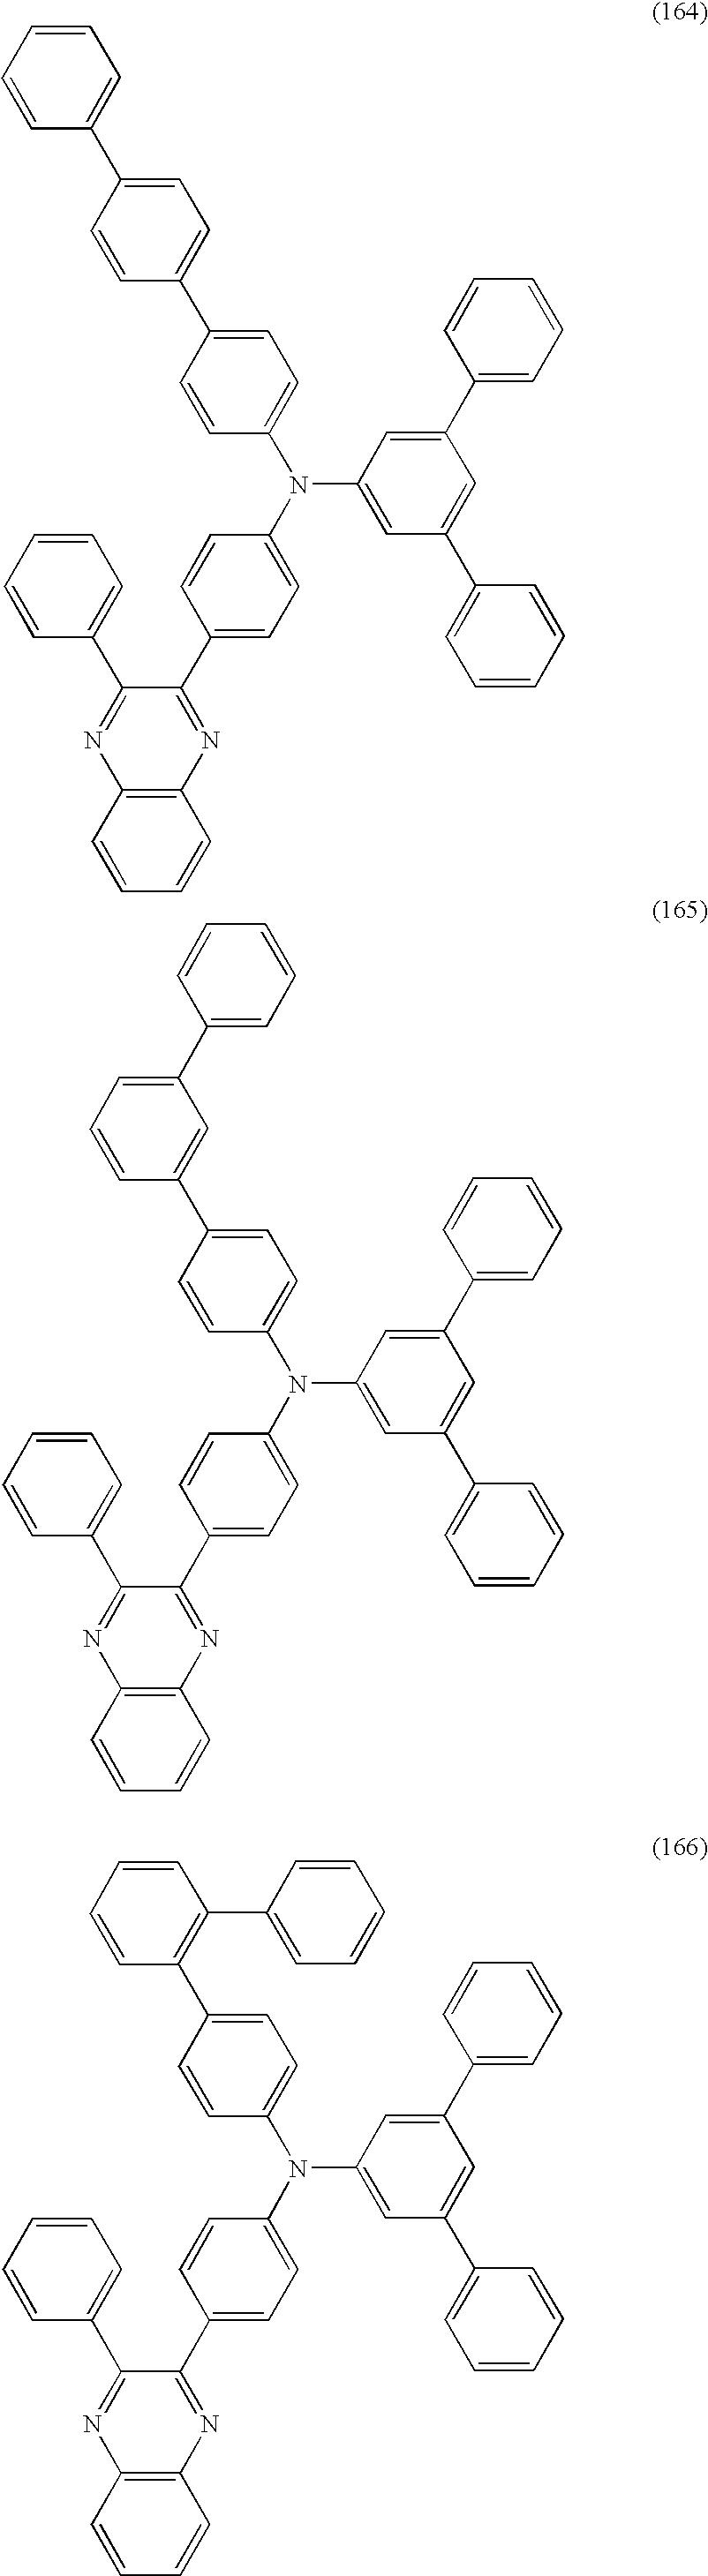 Figure US08178216-20120515-C00057